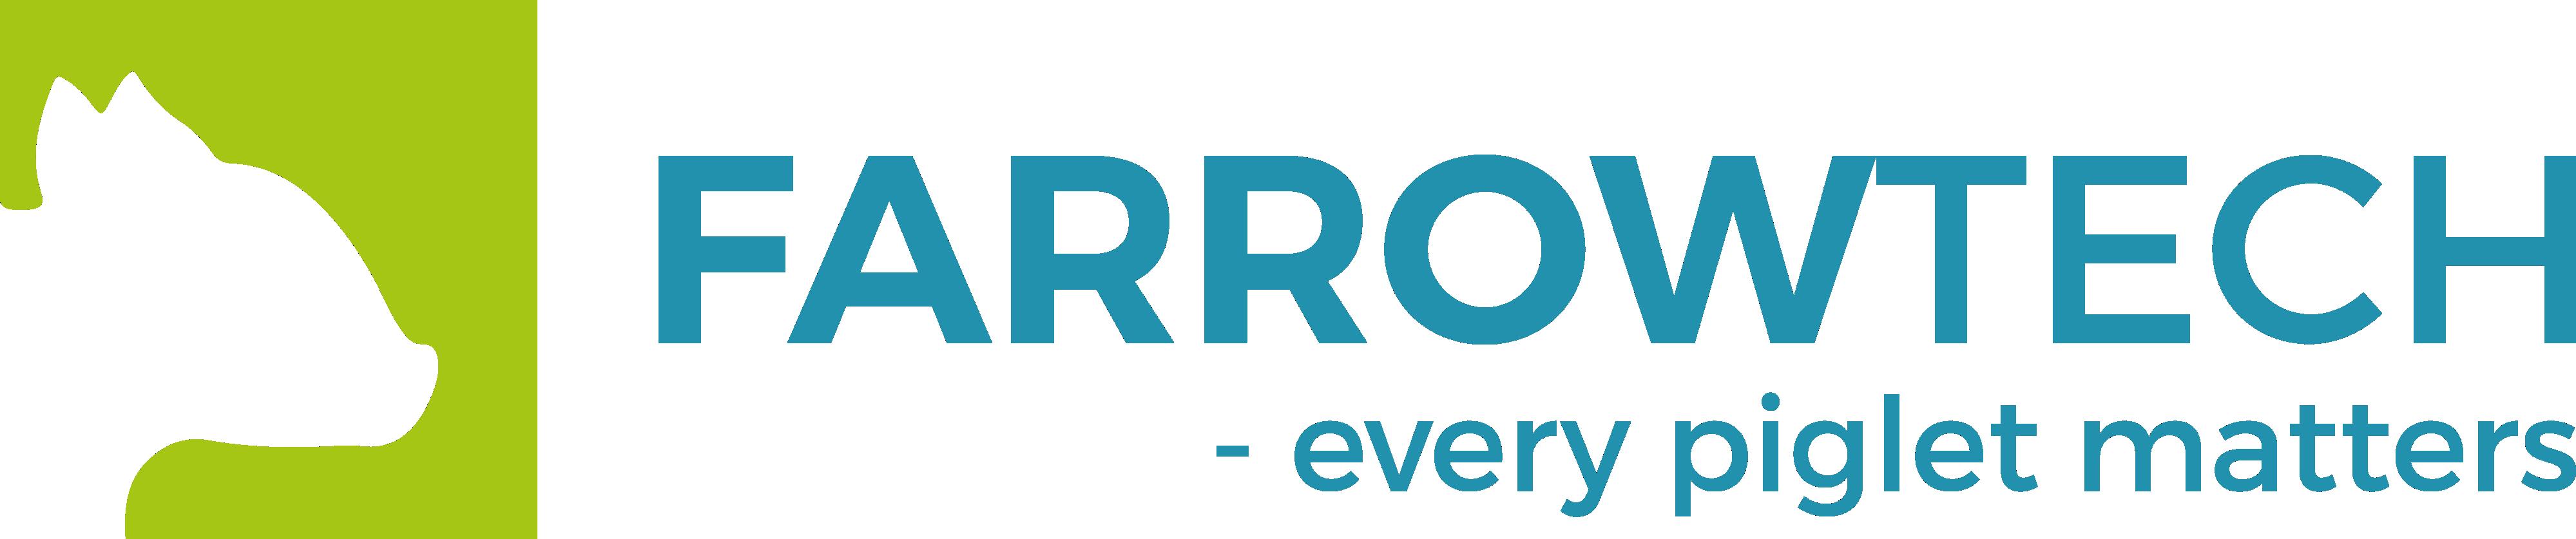 FarrowTech-logo_noBG